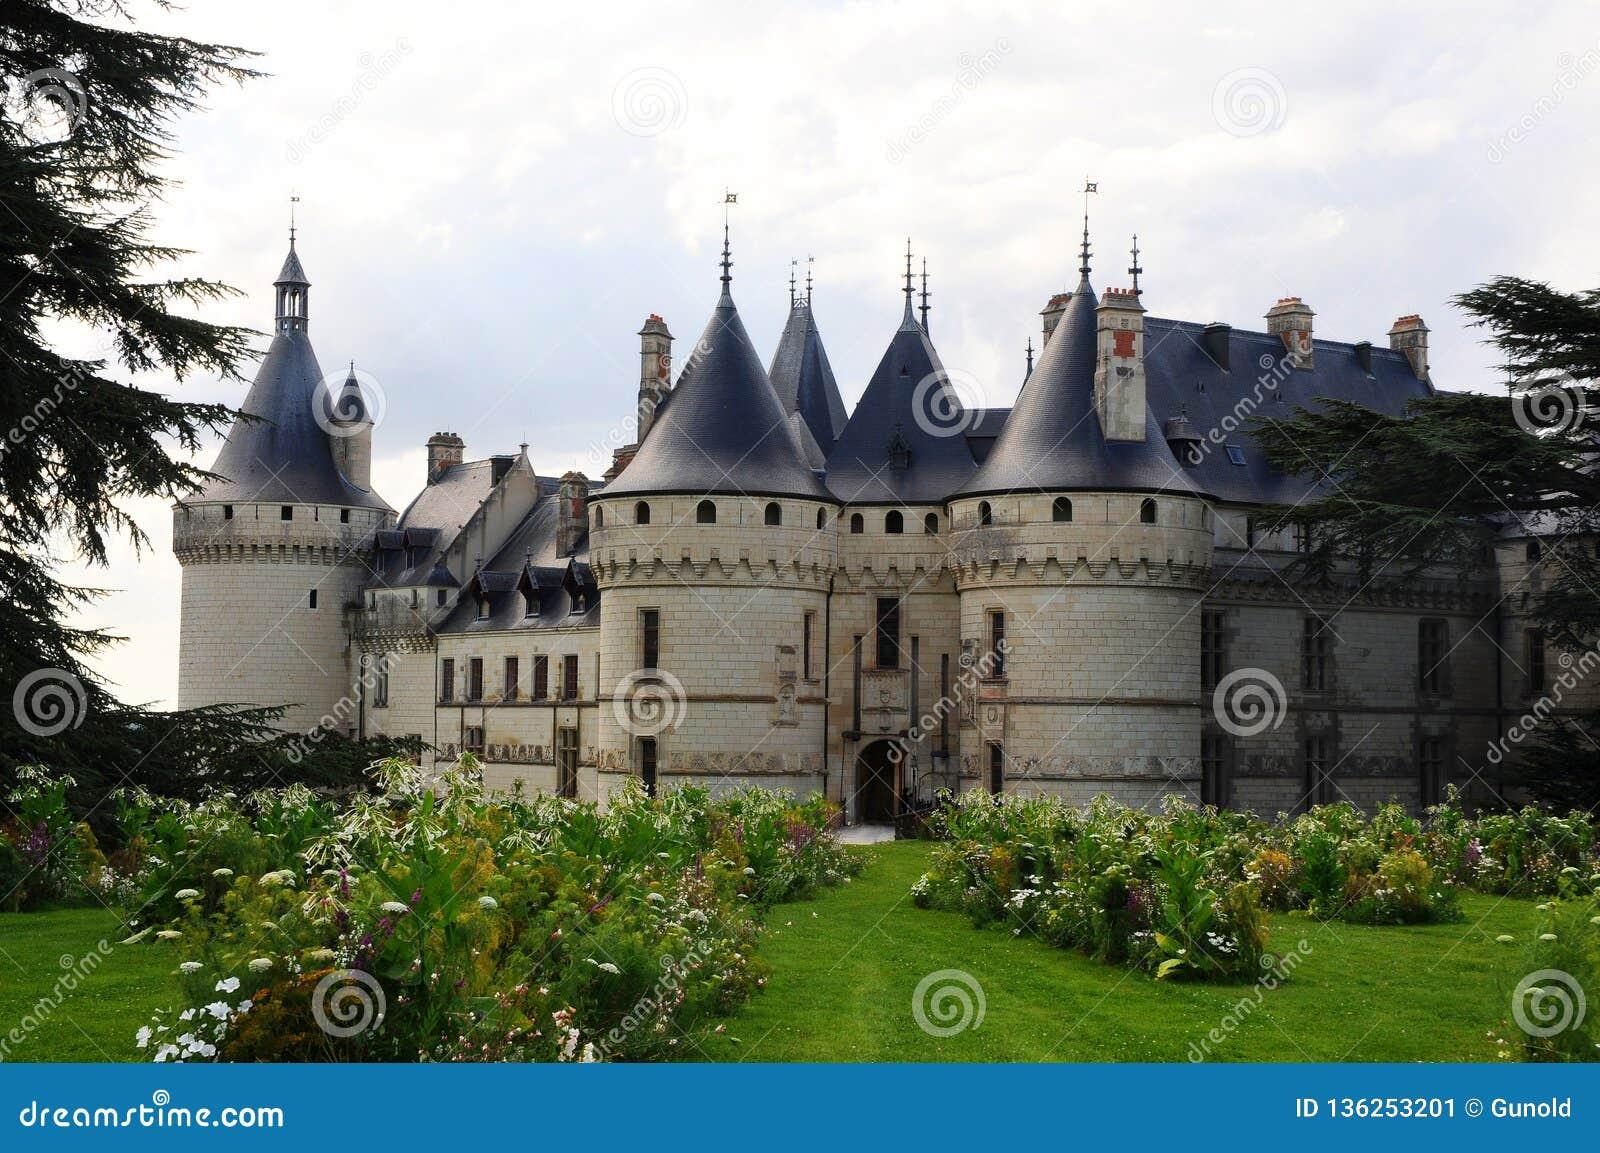 The royal chateau de Chaumont, Loire